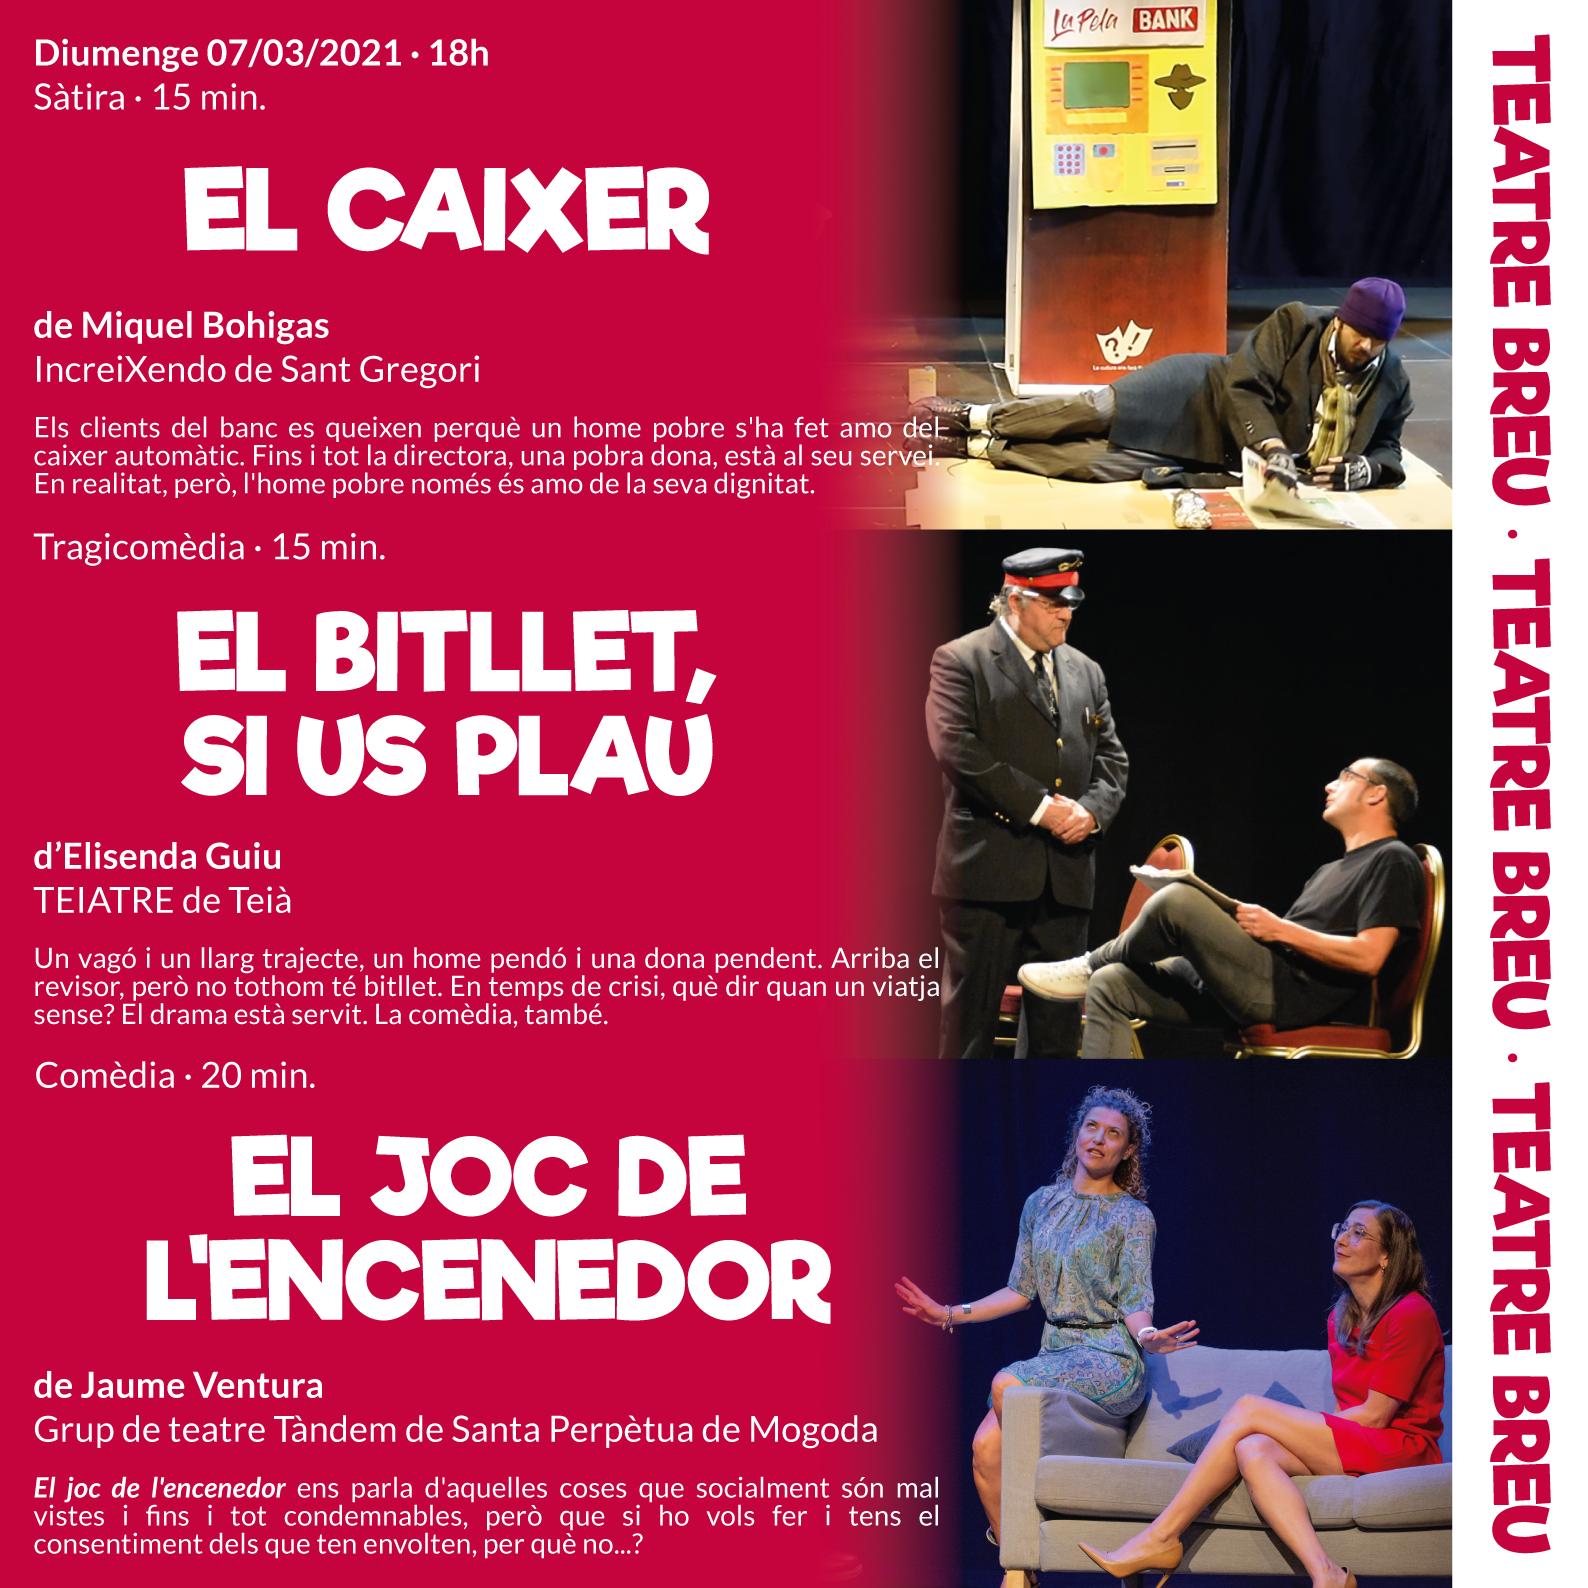 2. Teatre Breu